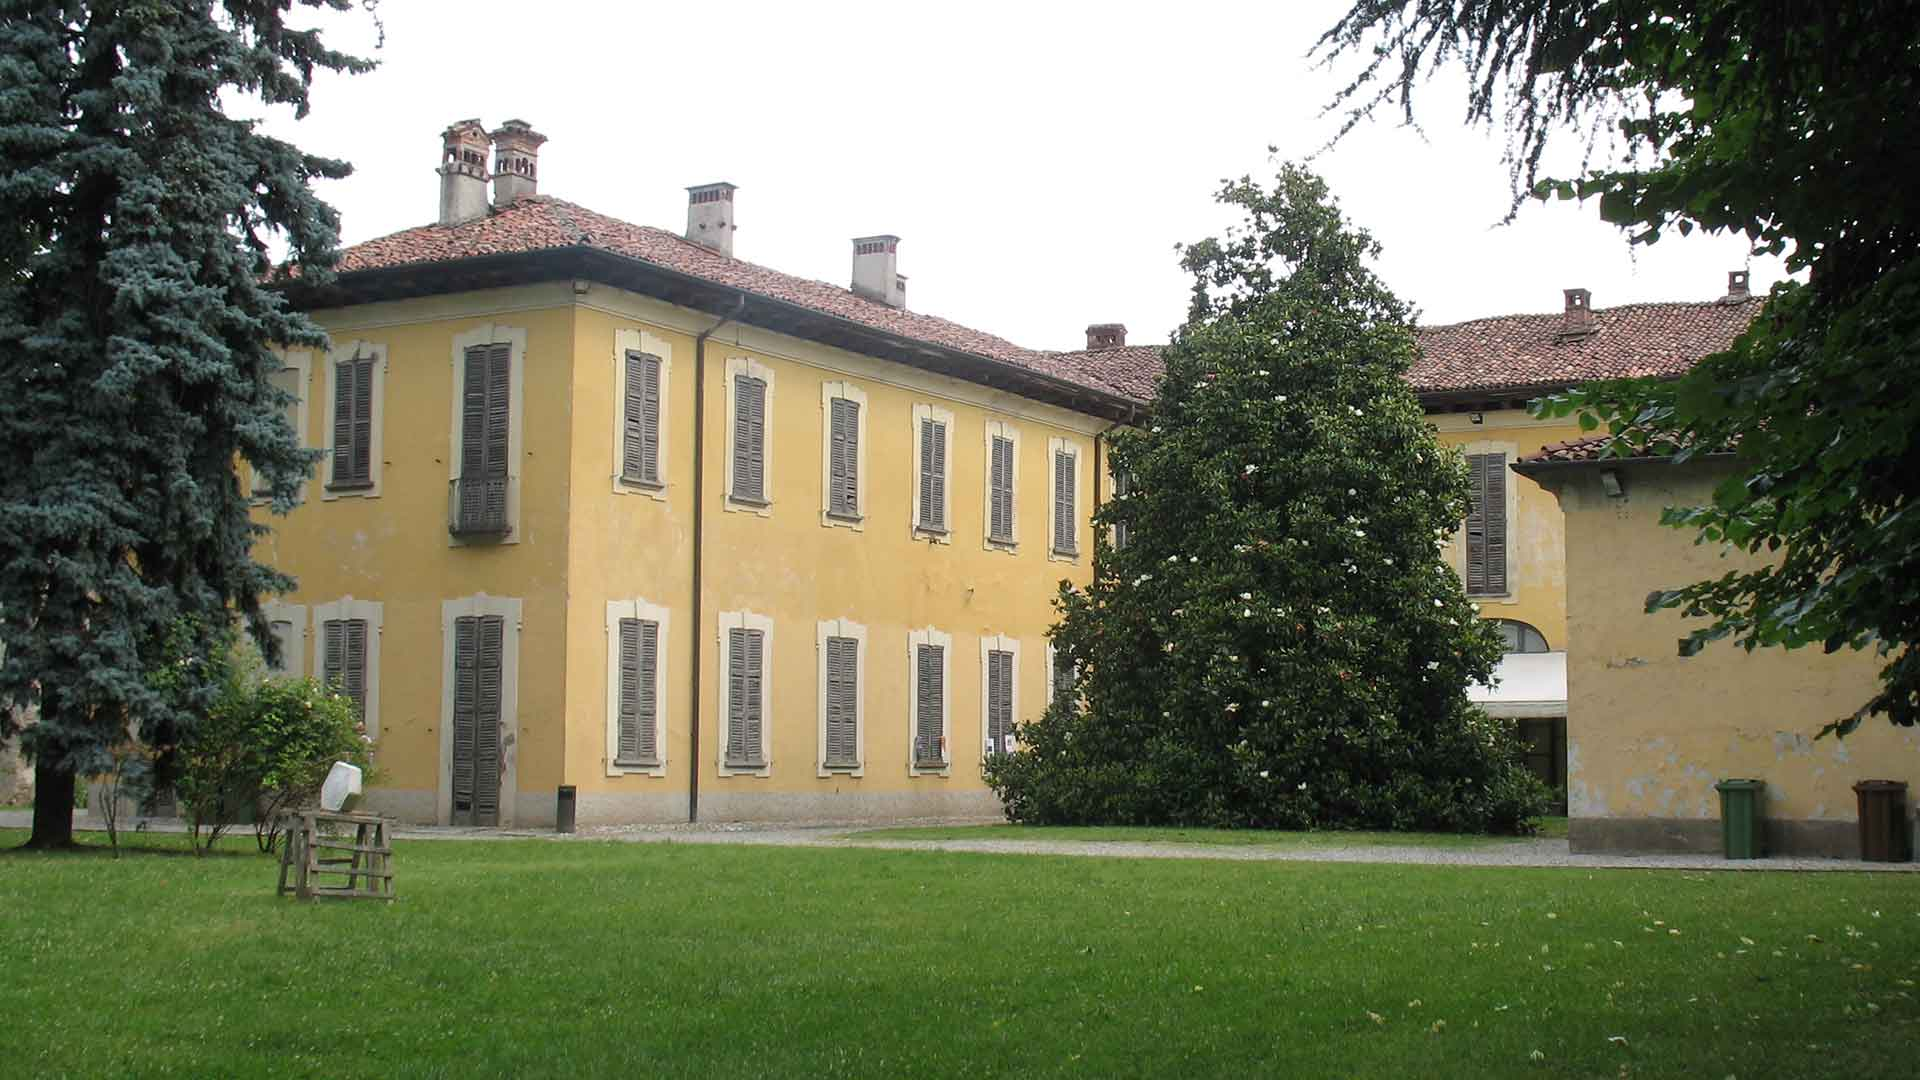 03-rinaldo-donzelli-mostra-villa-sormani-mariano-comense